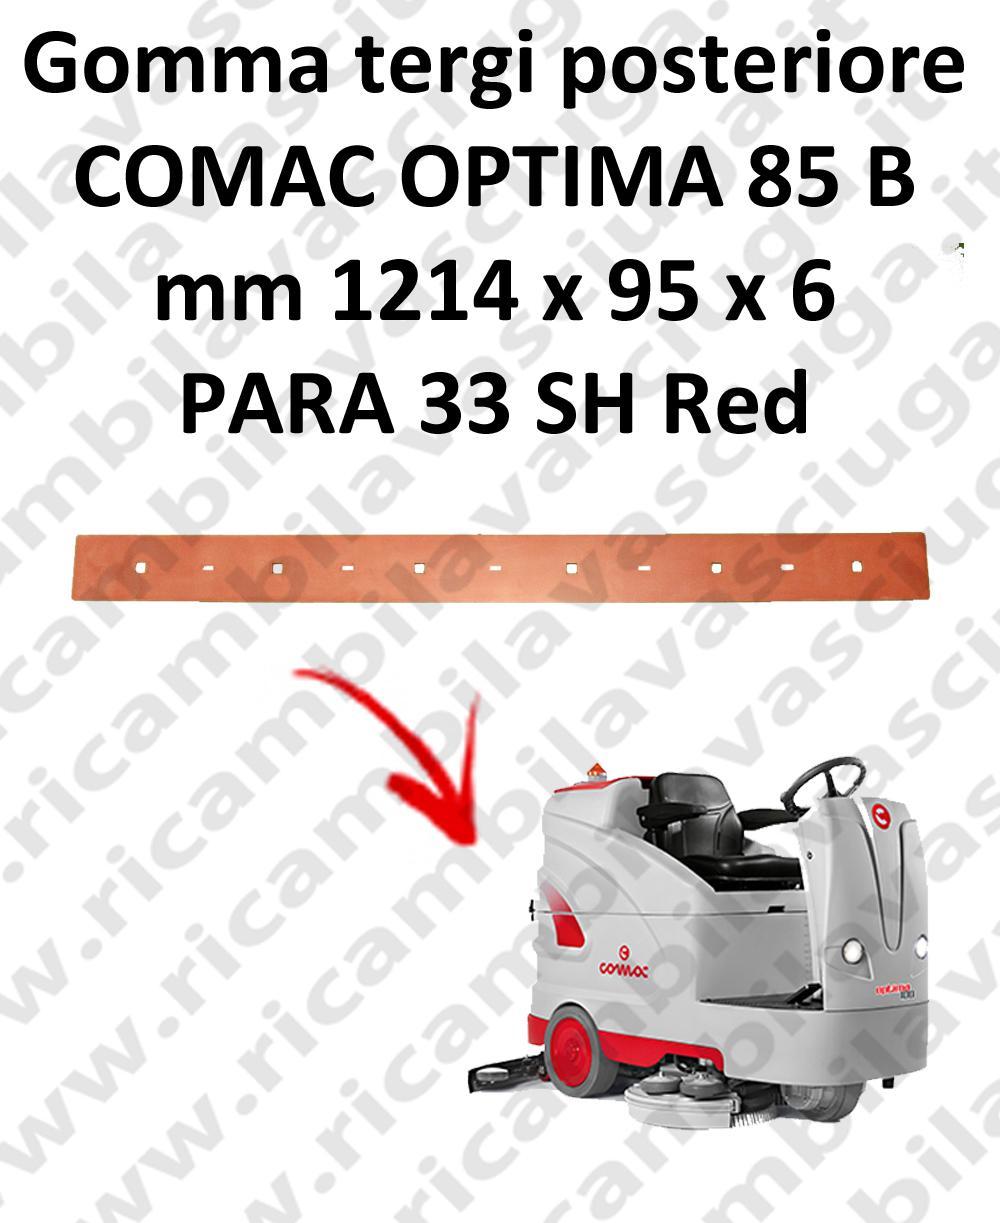 OPTIMA 85B GOMMA TERGI posteriore per tergipavimento COMAC